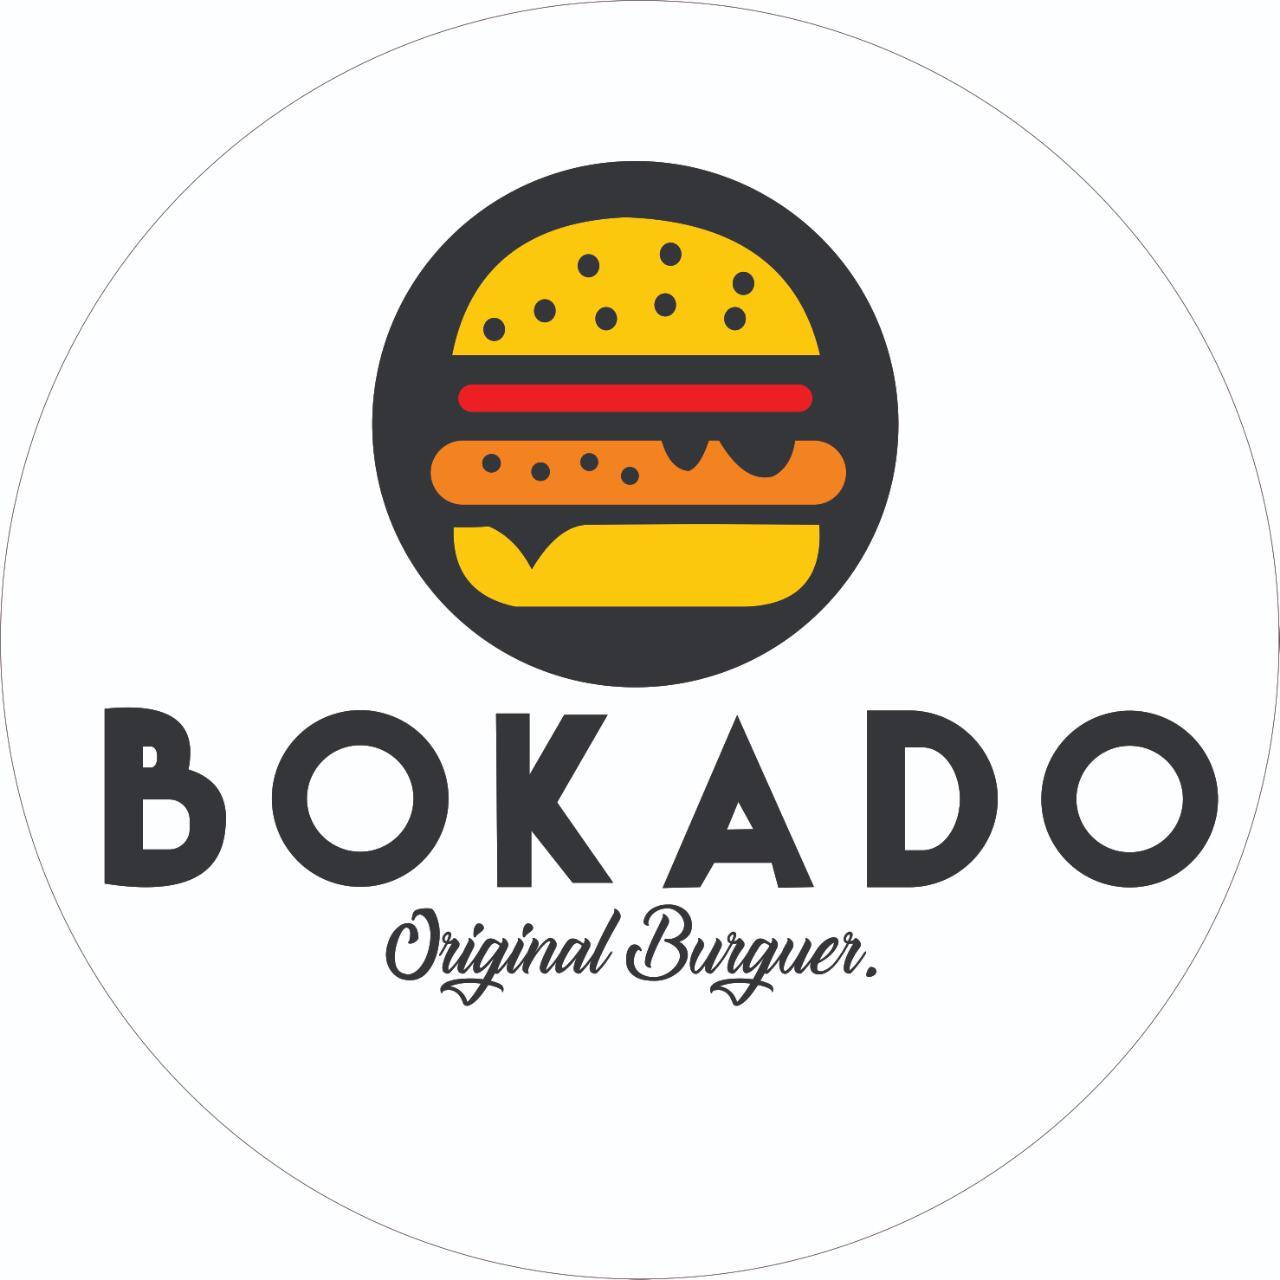 Bokado Original Burger